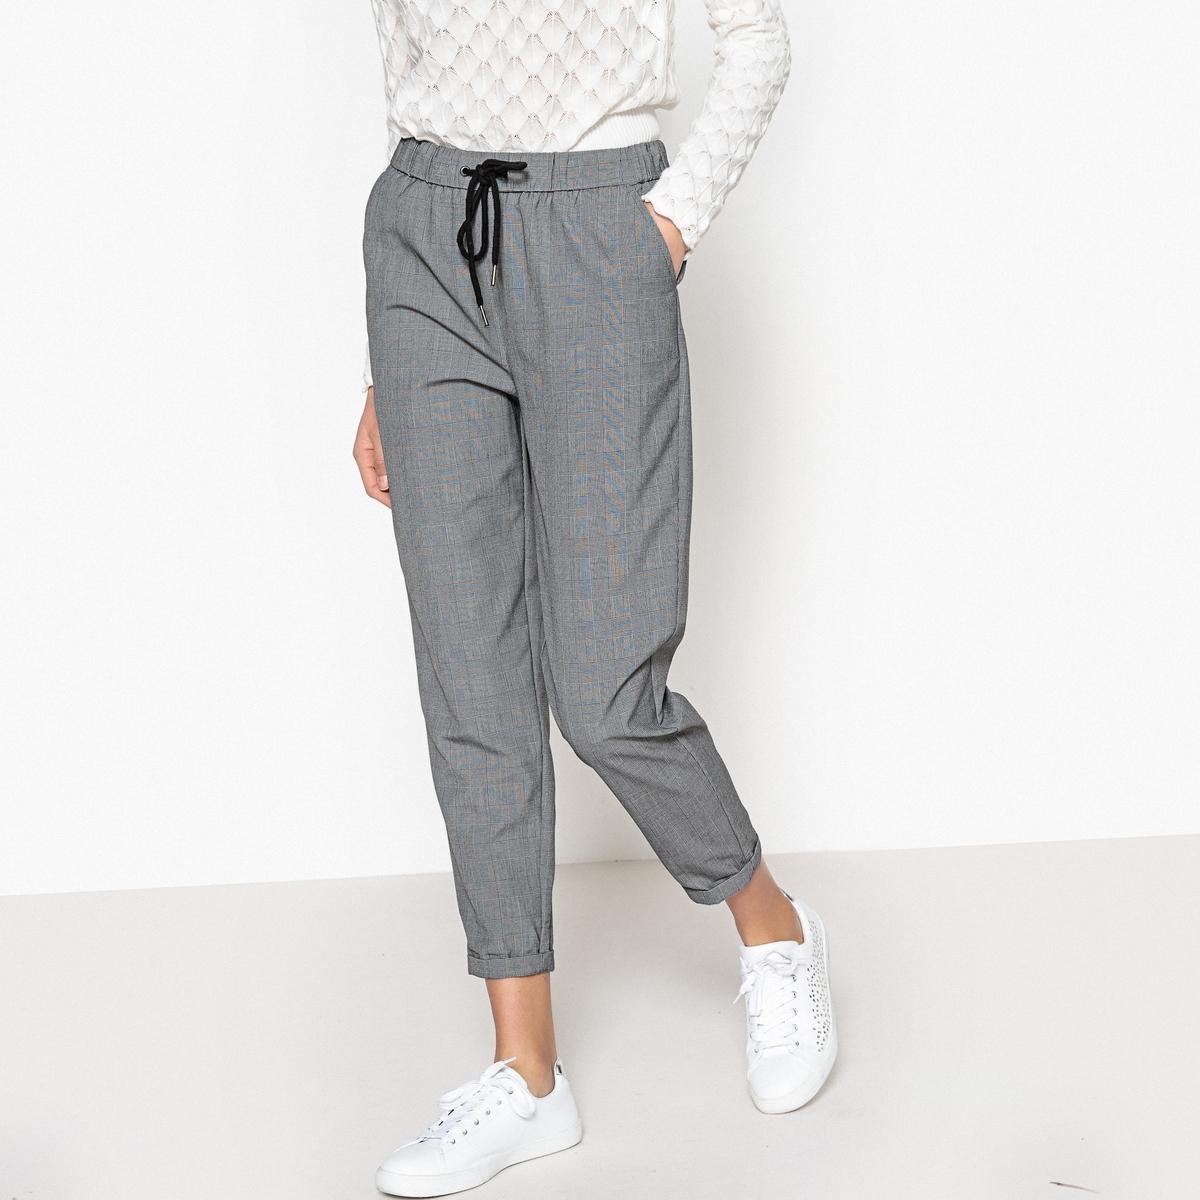 Брюки узкие, дудочки брюки дудочки quelle laura scott 331207